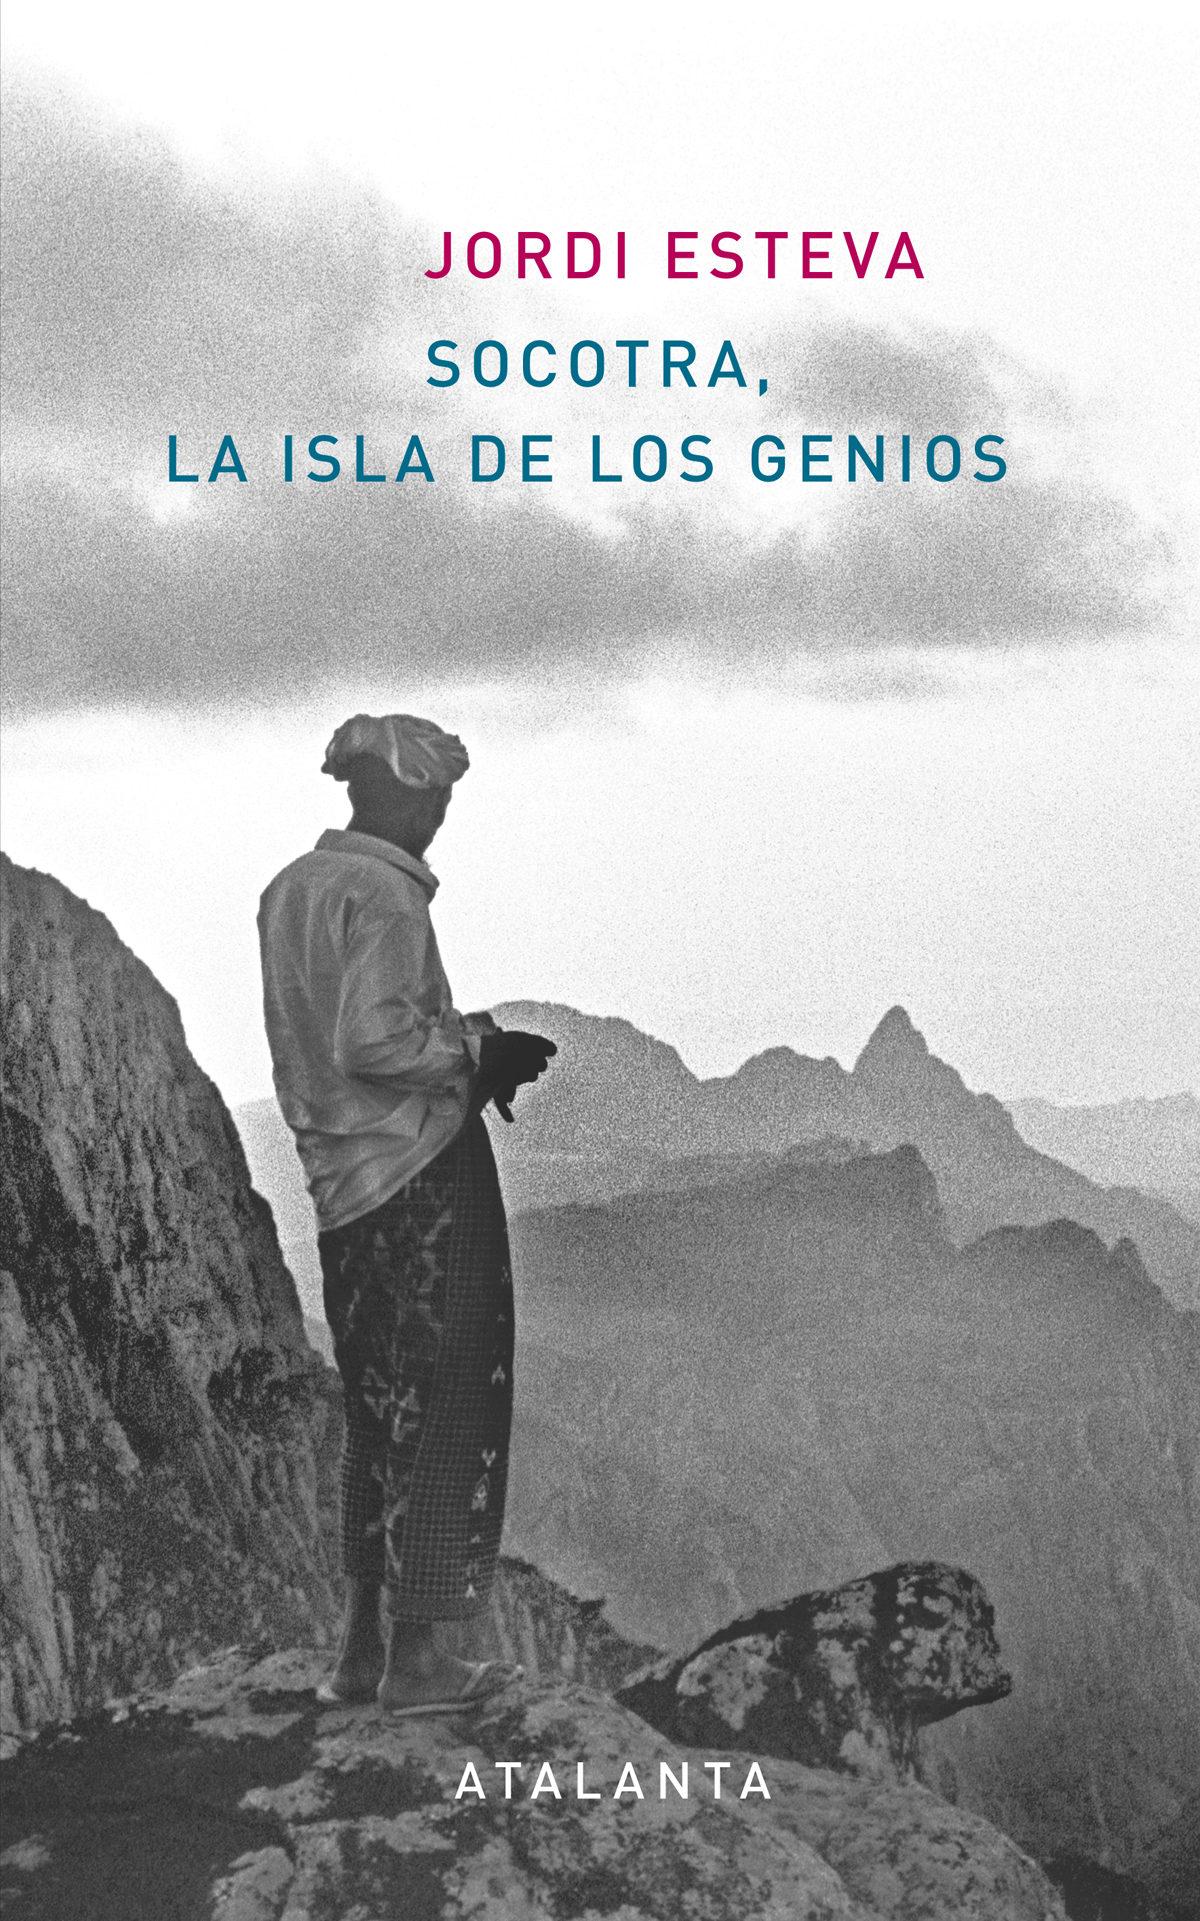 EL TOPIC DEL VIAJERO - Página 5 9788493846657